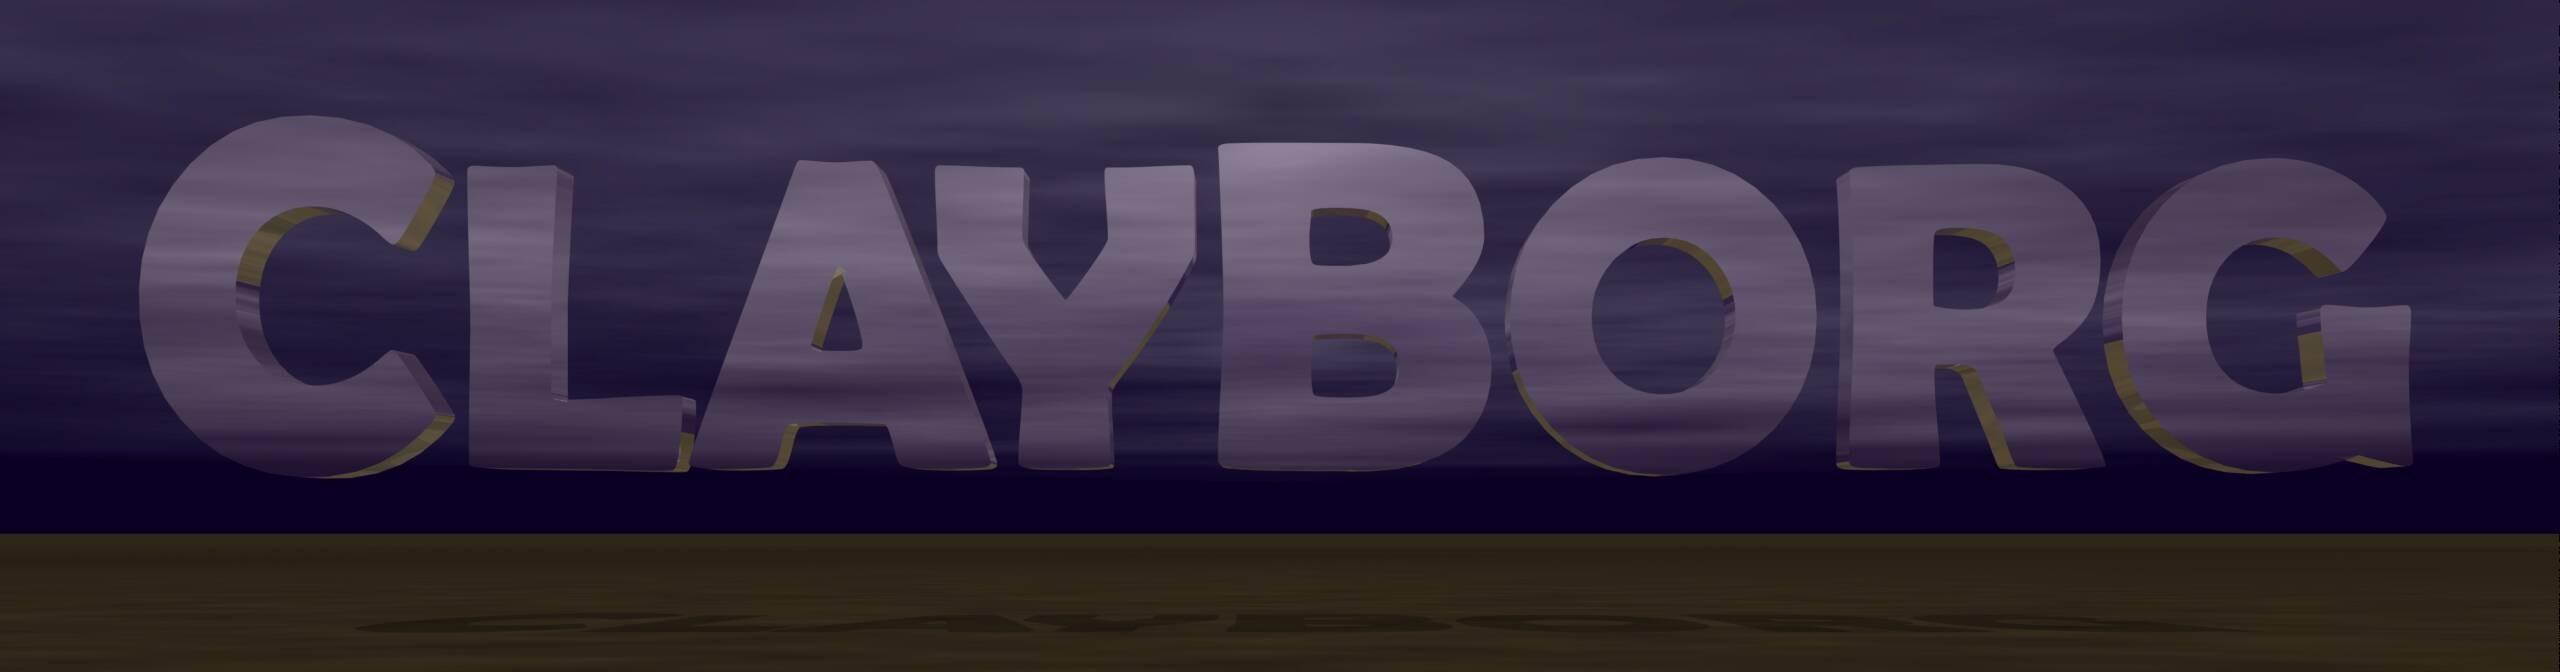 Clayborg.com